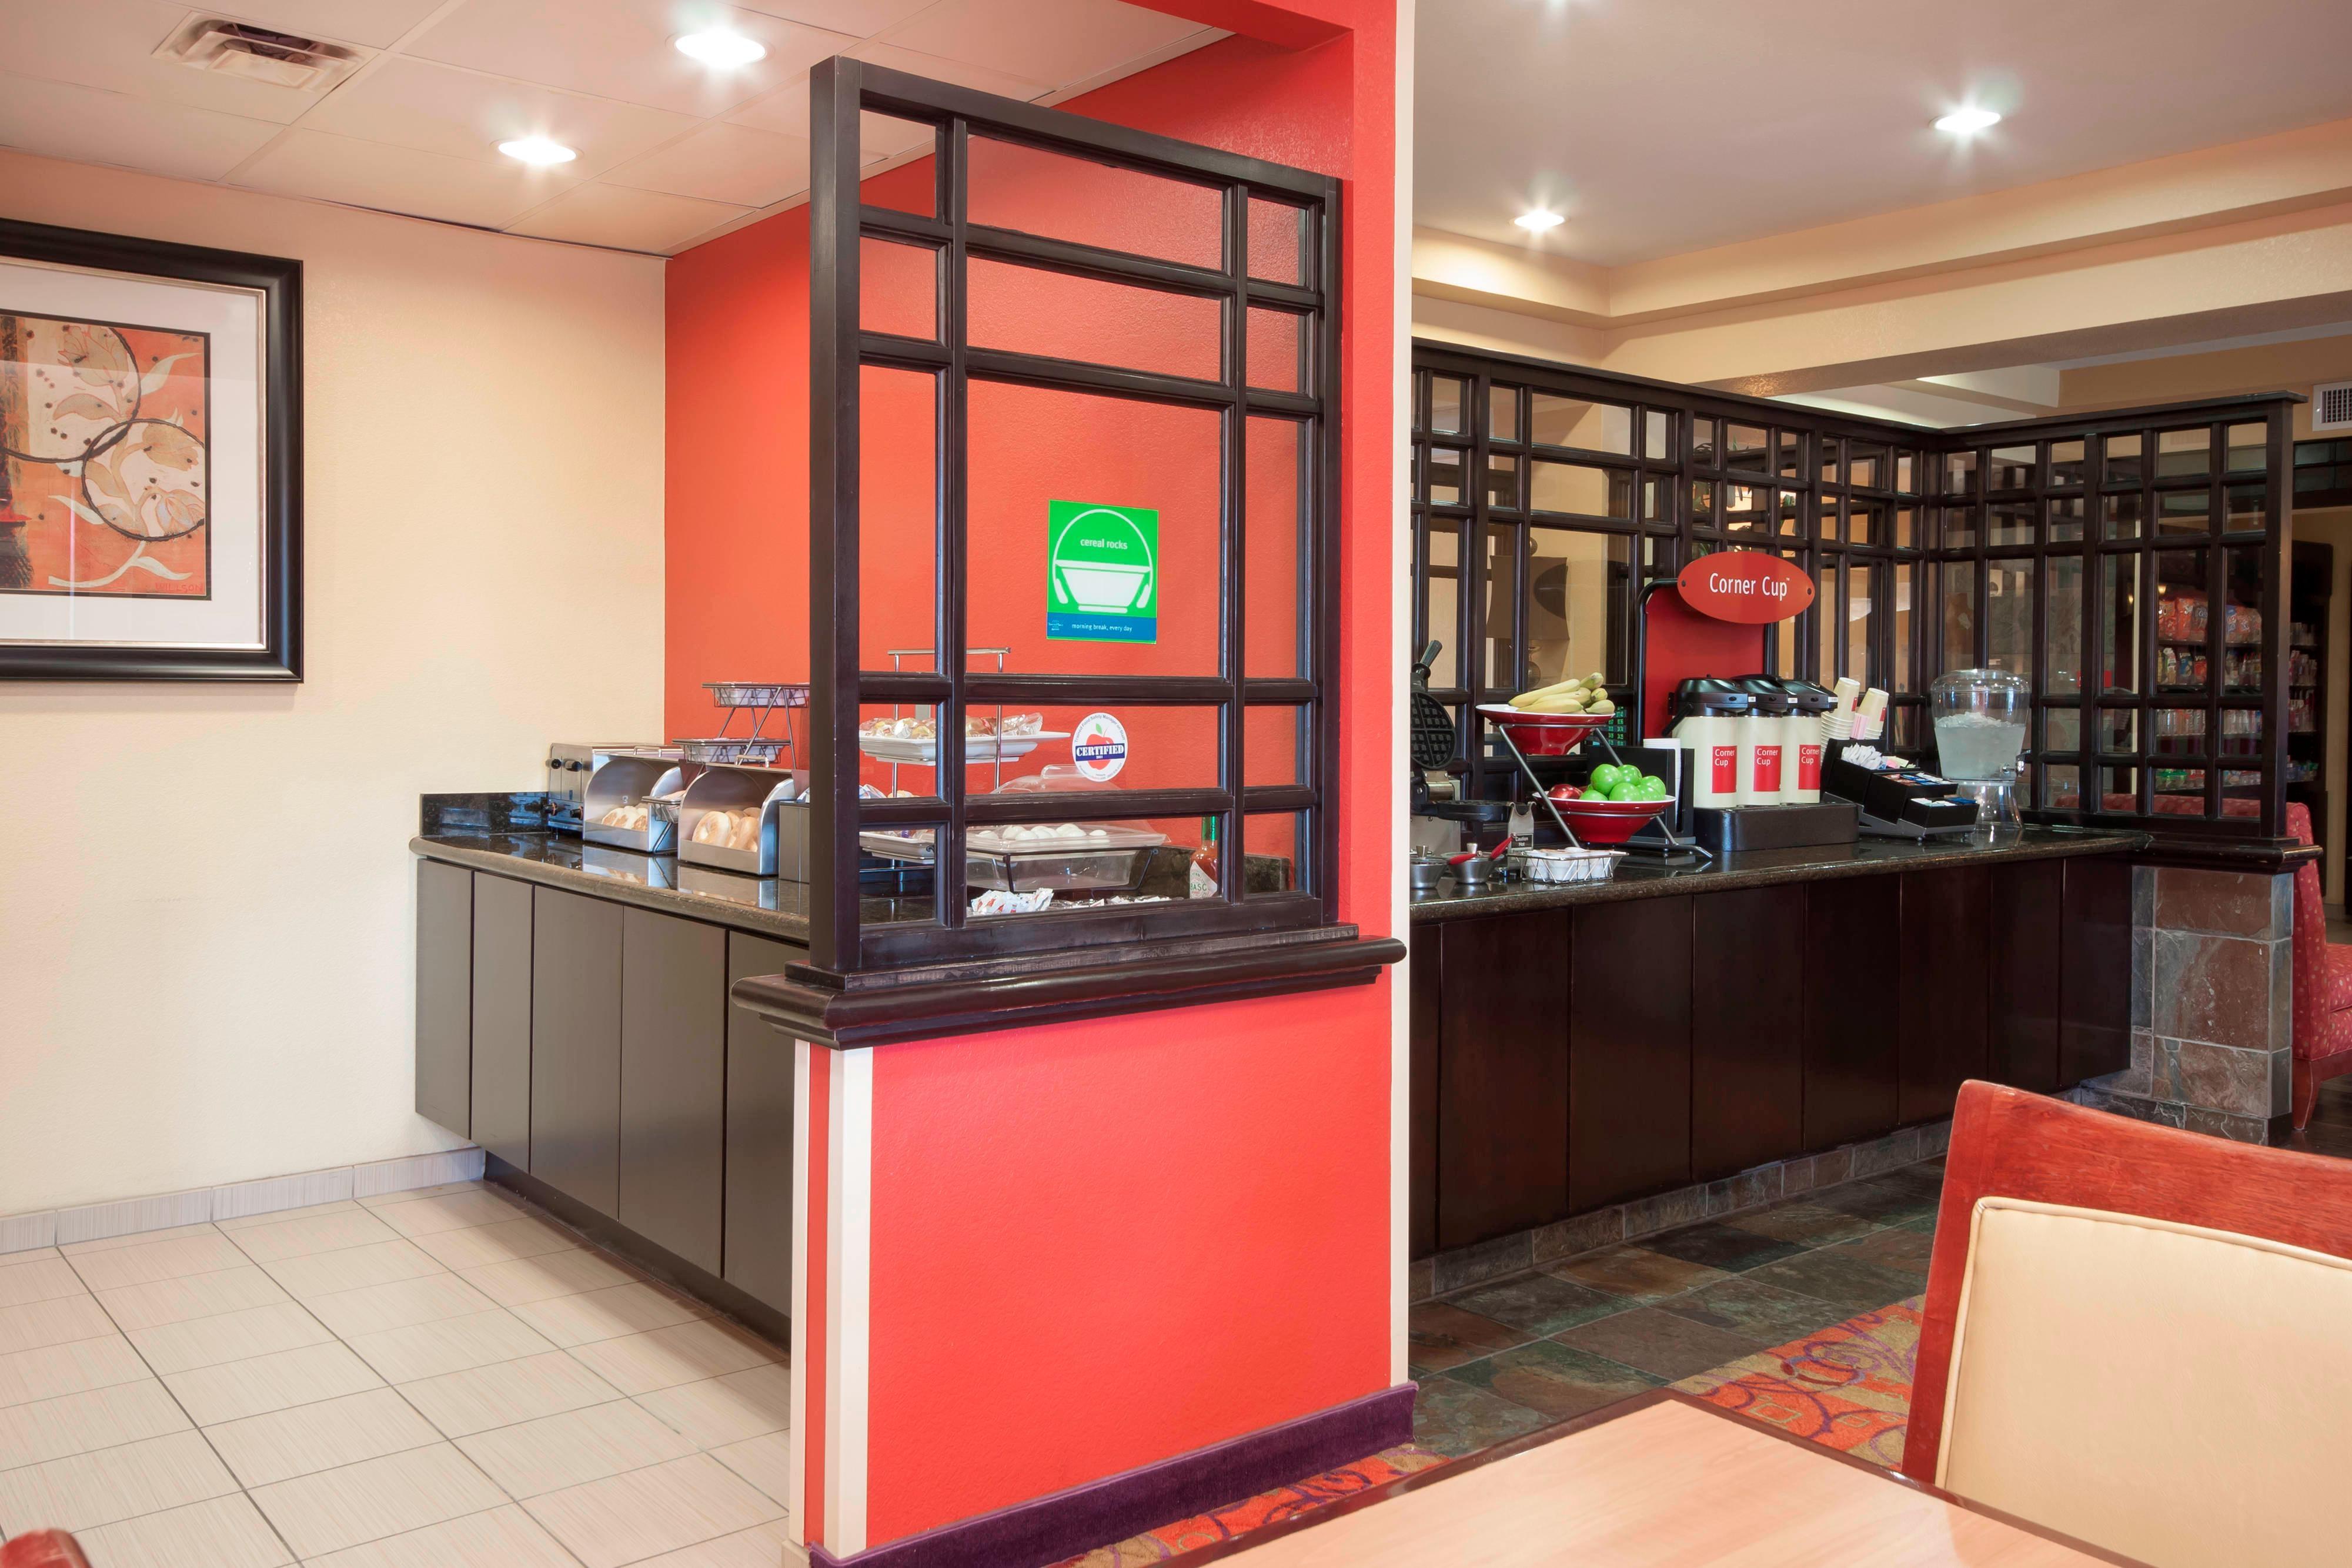 El Centro Hotel Free Breakfast